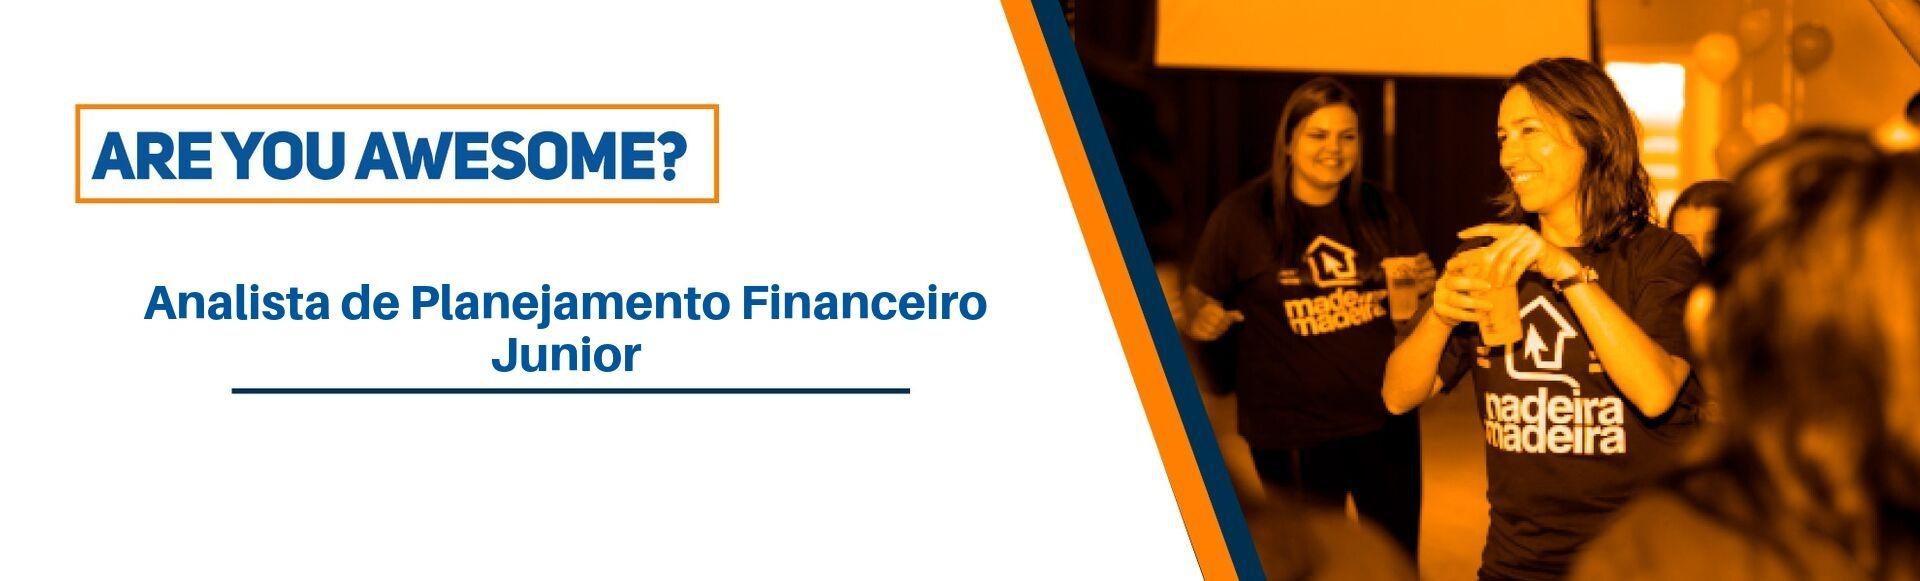 Analista de Planejamento Financeiro Jr.